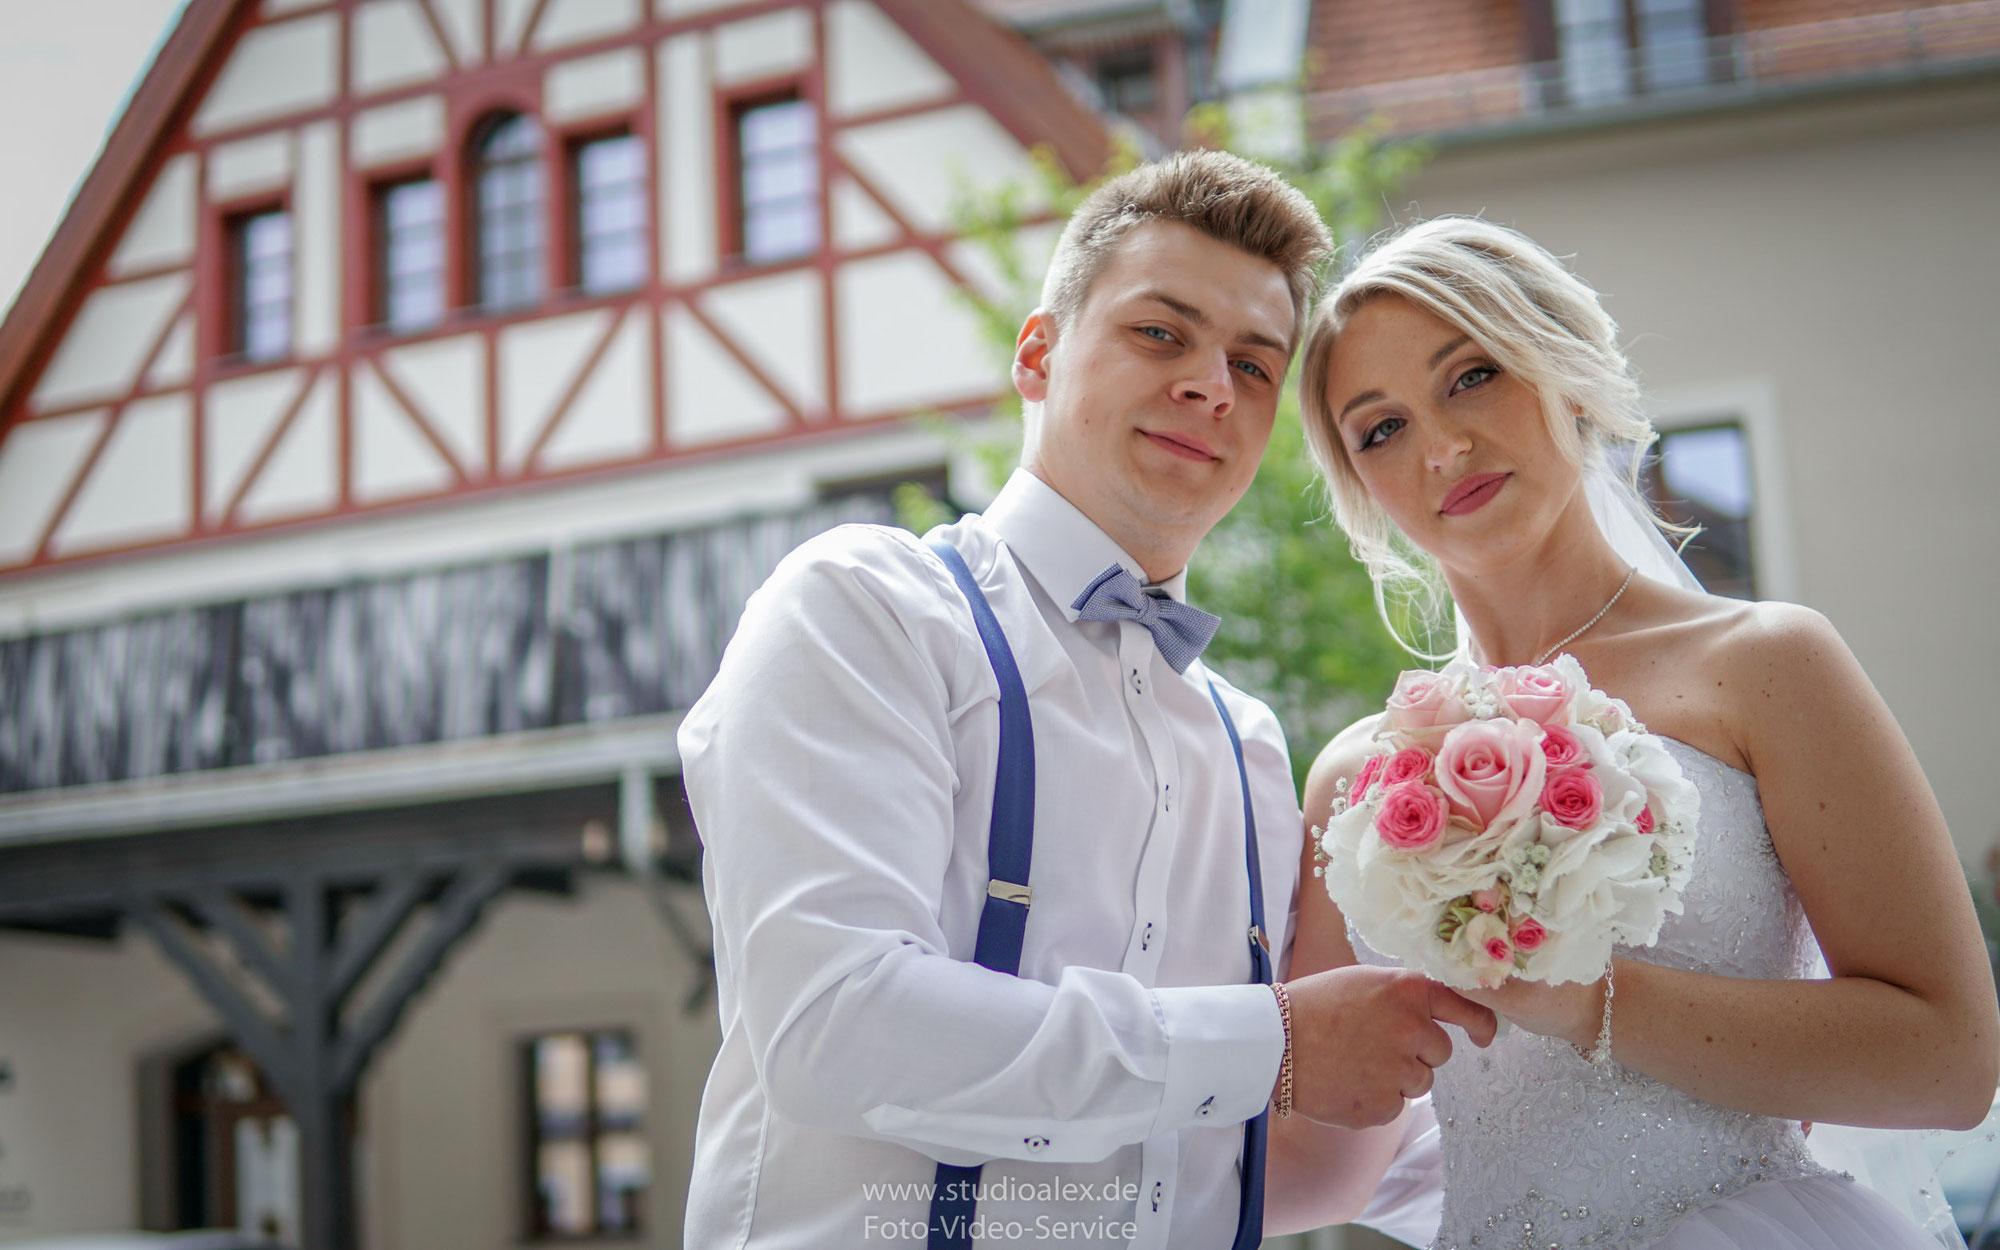 Hochzeitsfotografie in Amberg & Sulzbach-Rosenberg mit Christina & Dima